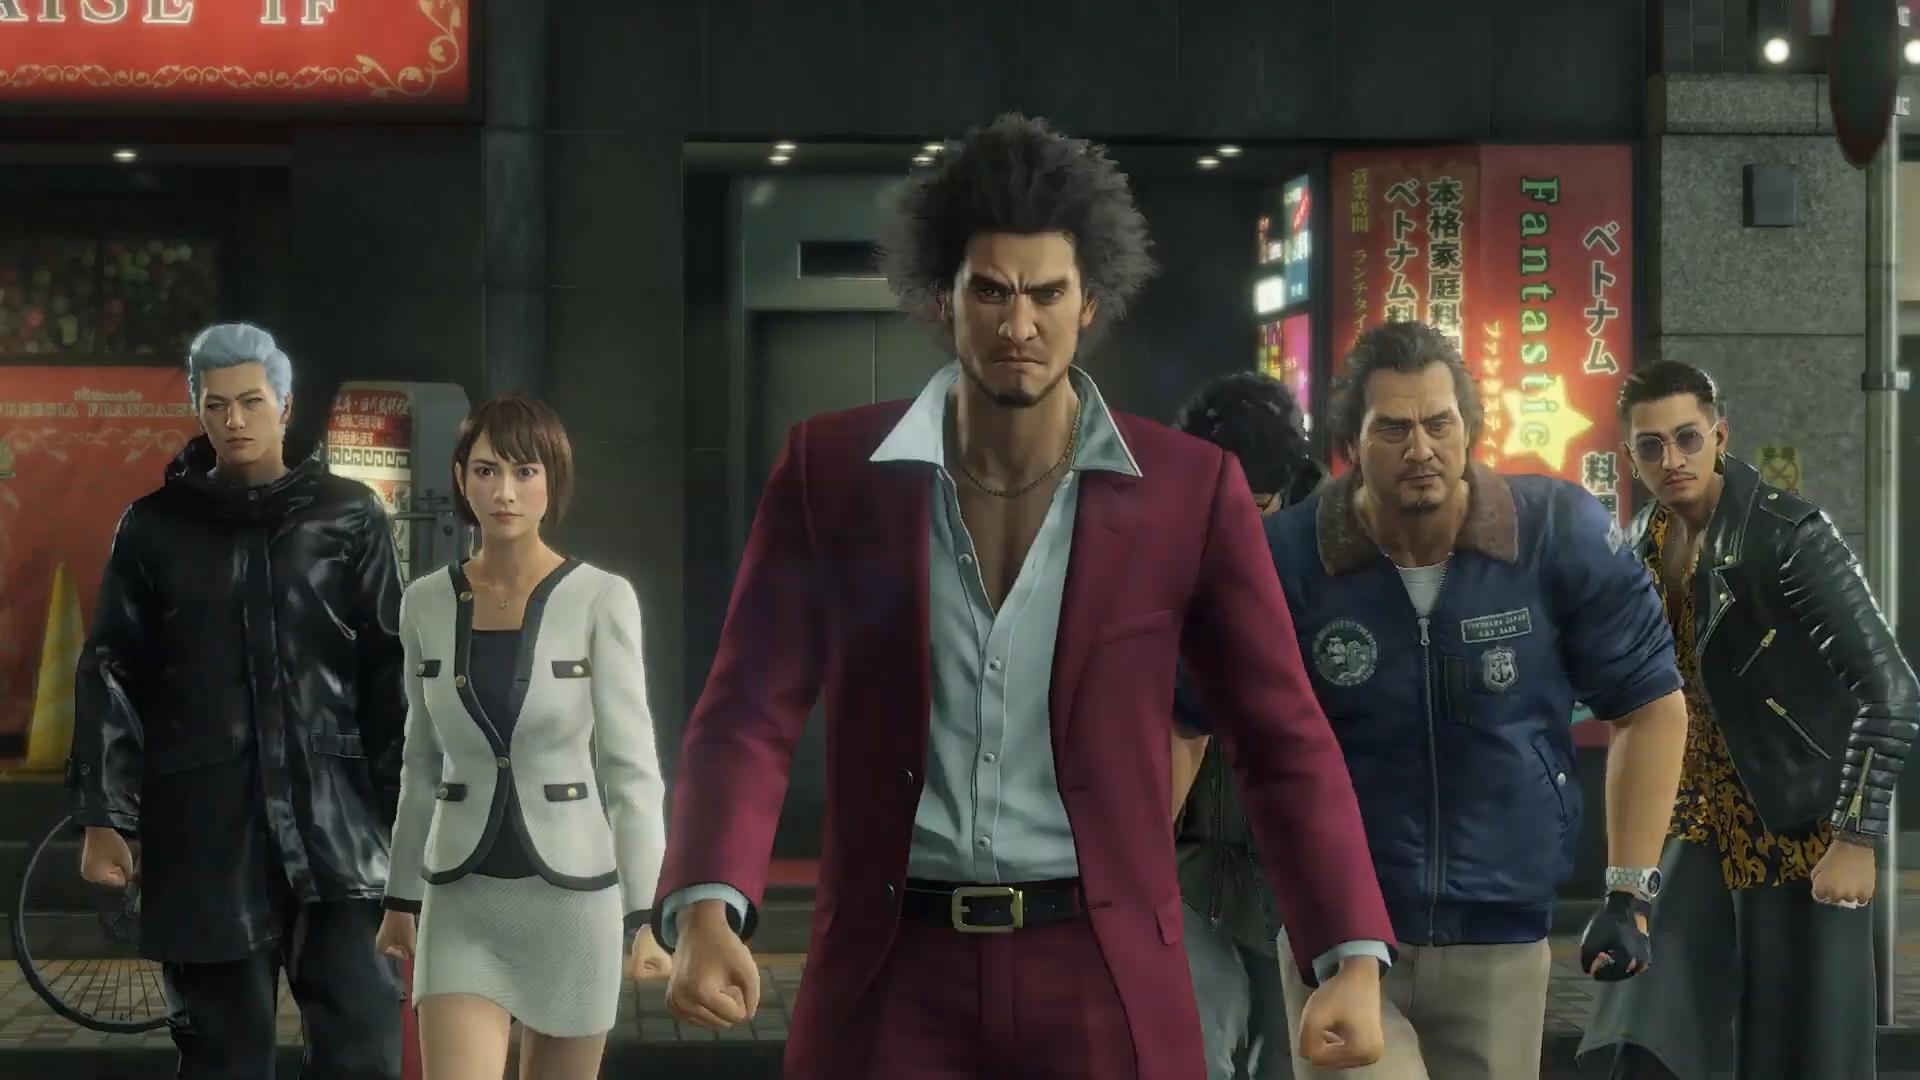 yakuza like a dragon | Tekno Deha